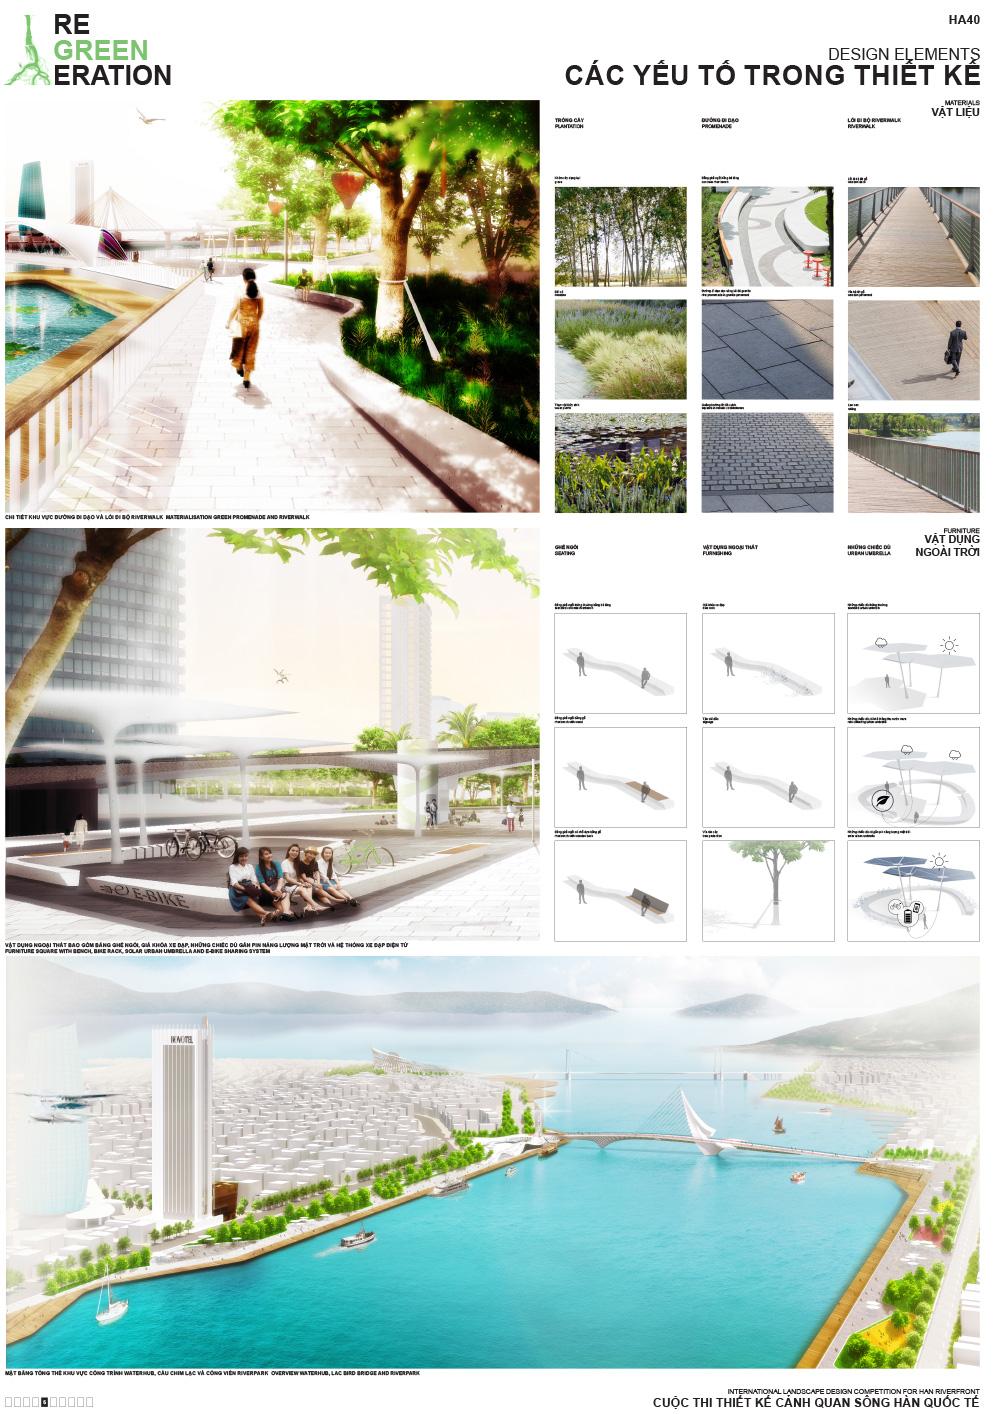 ha40_pdf_003_panels_a0_-5